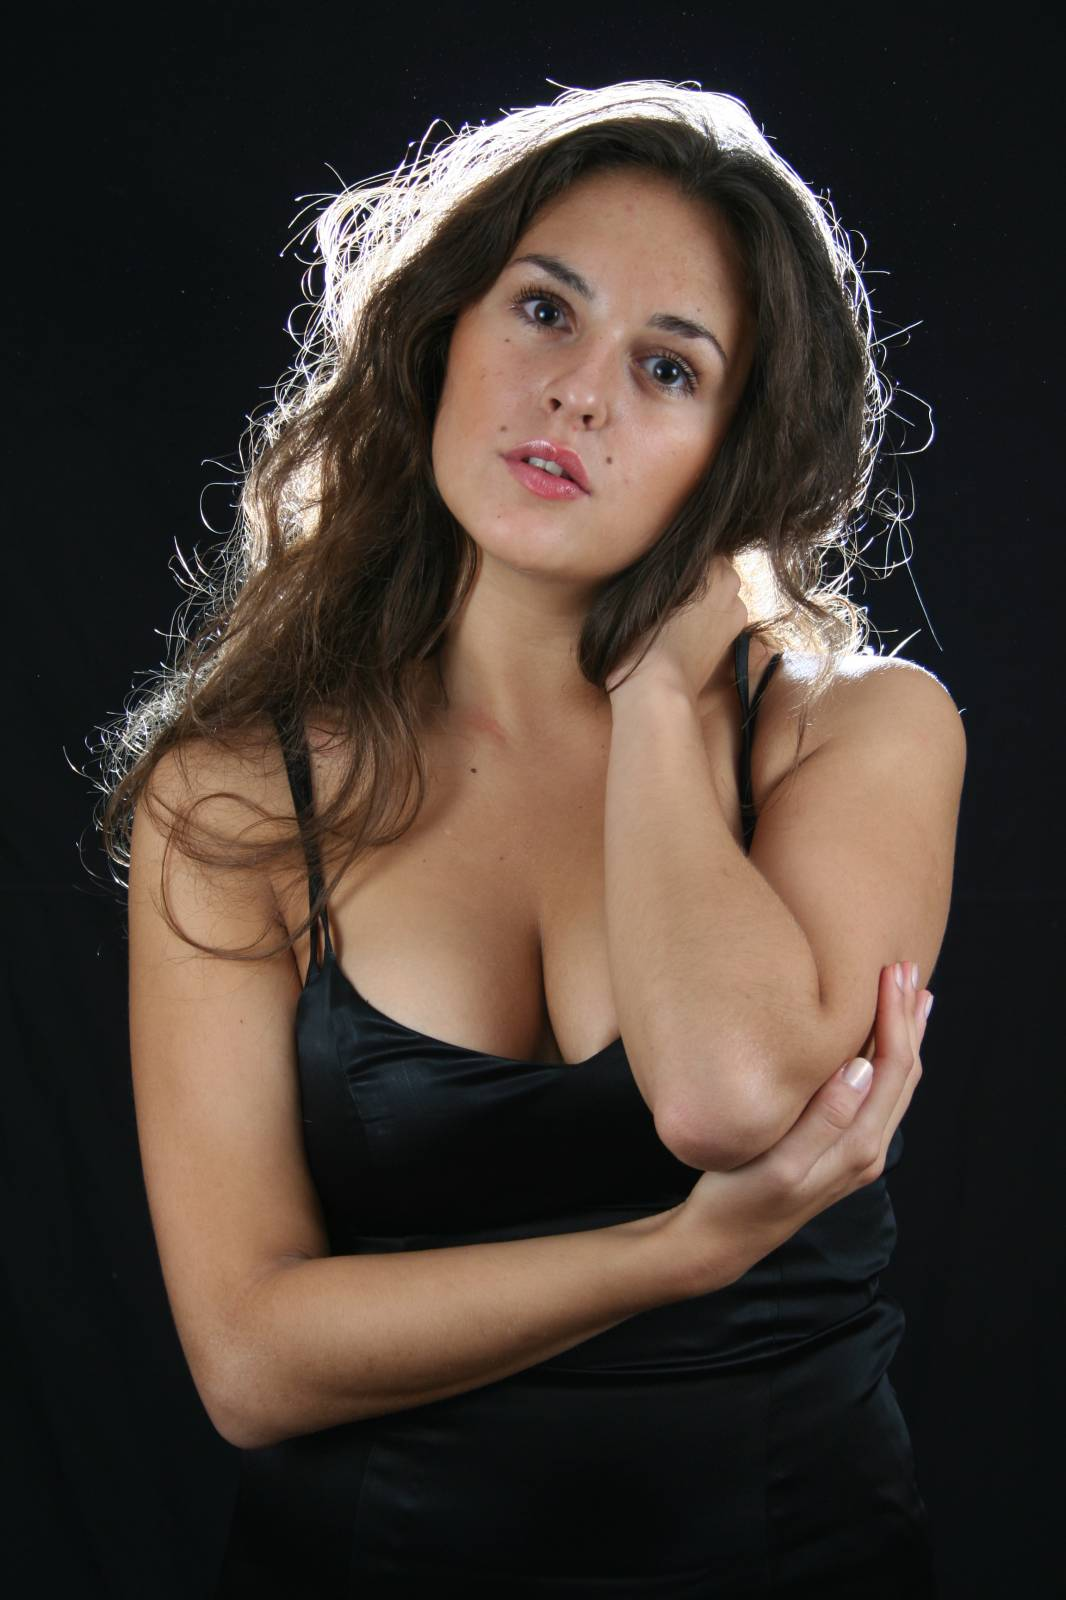 Эротическое фото шумаковой марии 10 фотография